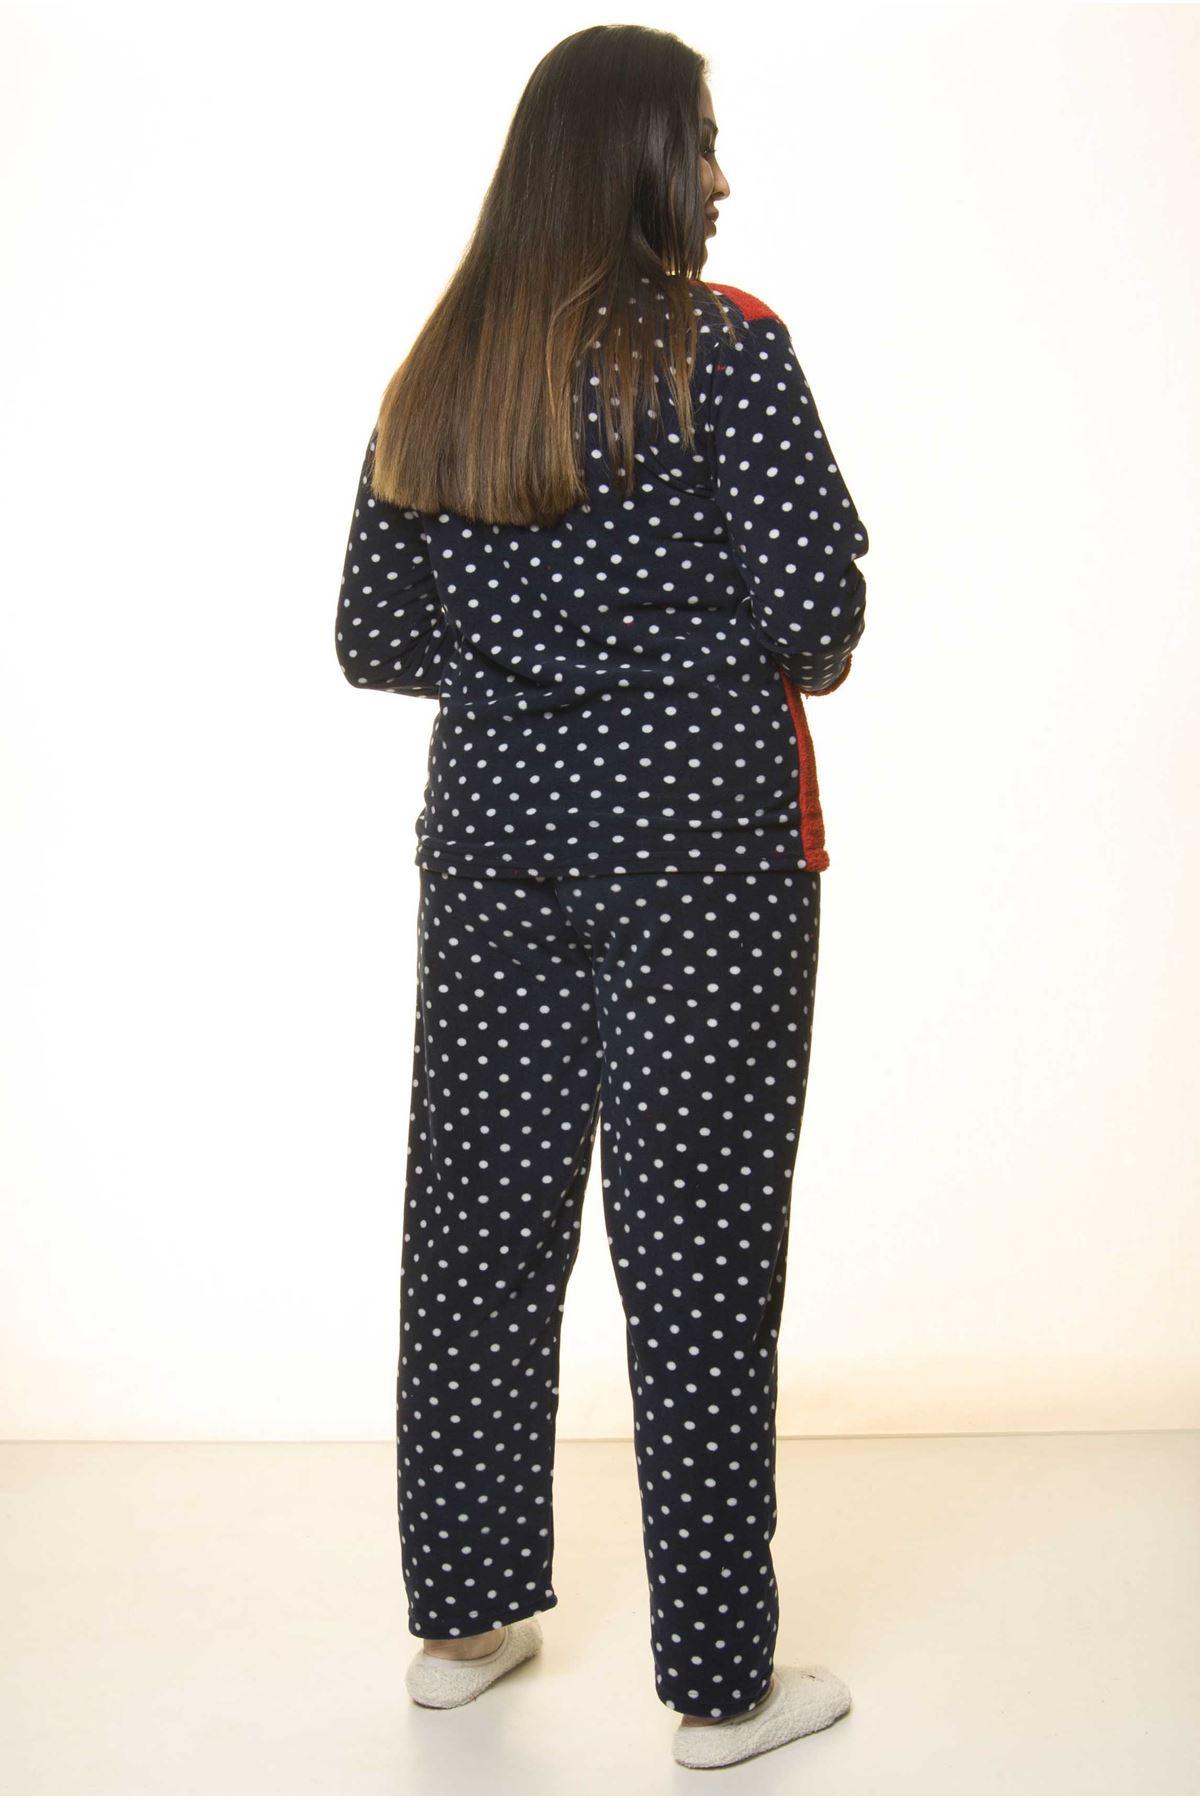 Polar Peluş Kışlık Pijama Takımı 32C-1506